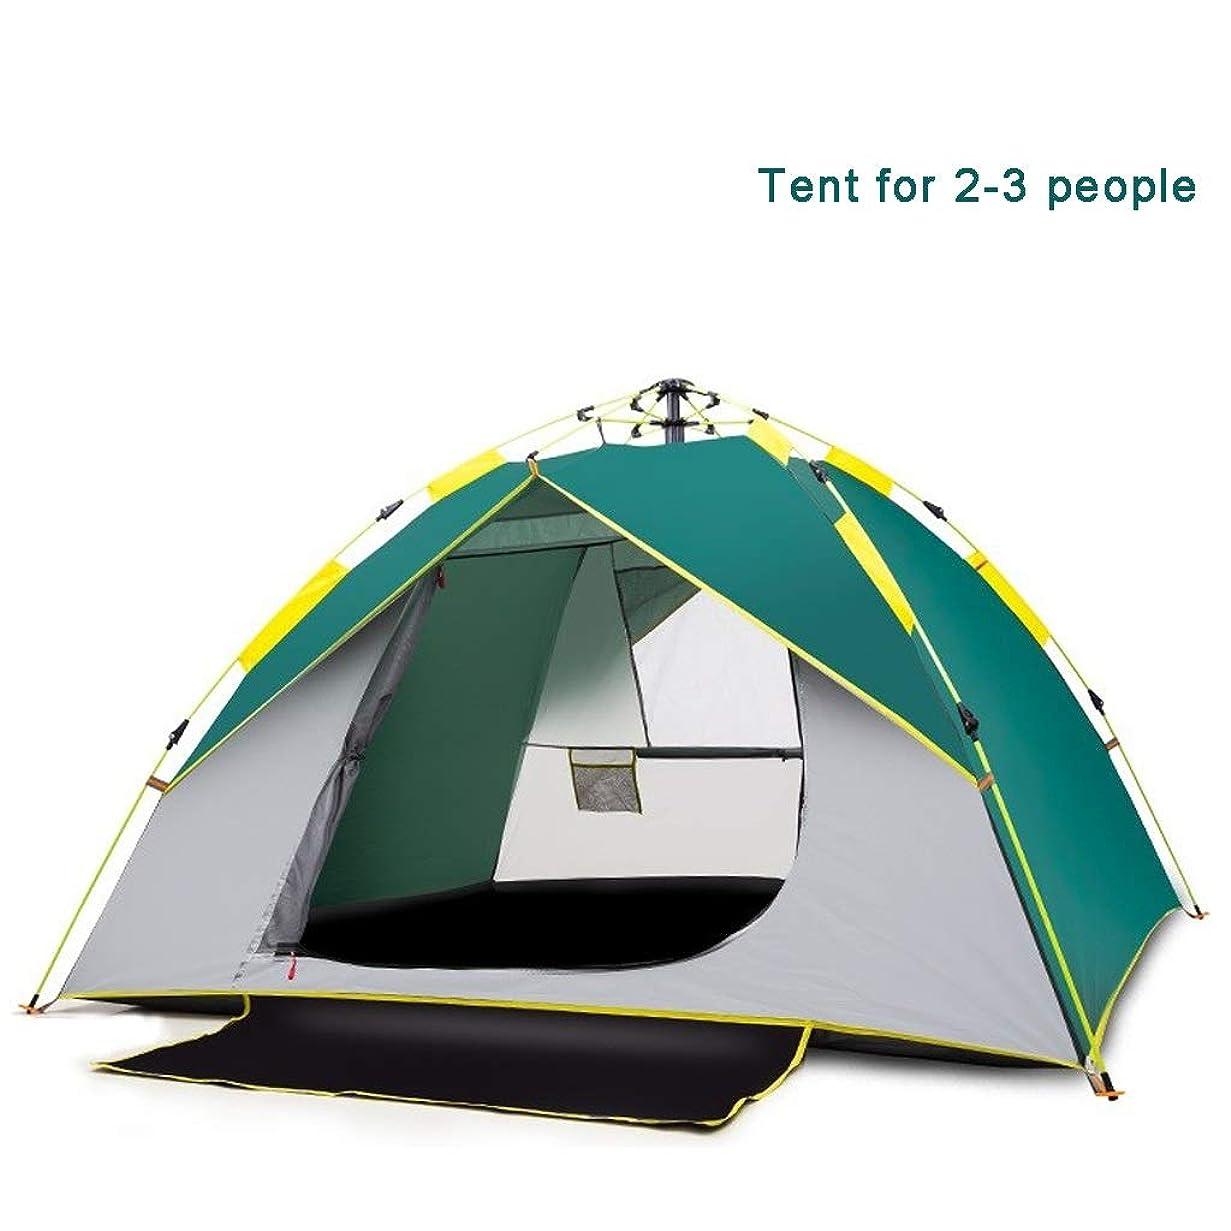 適応的援助する残酷インスタント自動ポップアップテント、2人用軽量テント、防水防風、UV保護、ビーチ、アウトドア、旅行、ハイキング、キャンプ、狩猟、釣りなどに最適